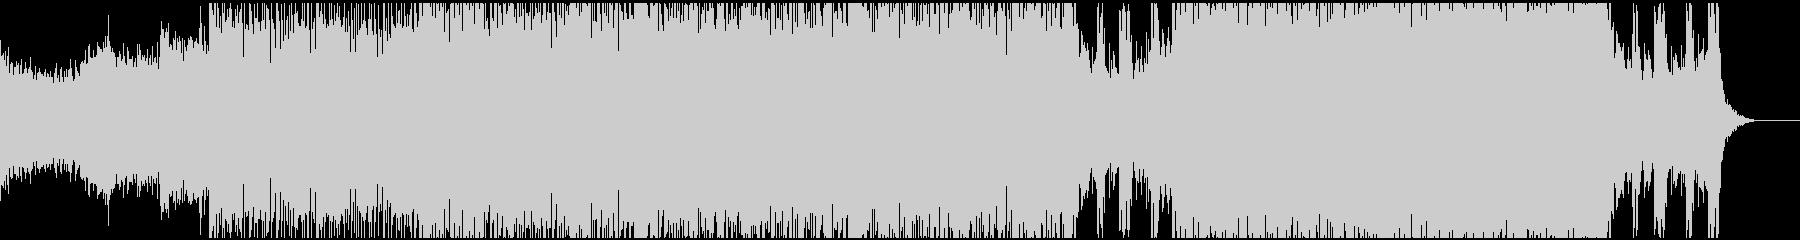 ダークでスピード感あるドラムンベースの未再生の波形